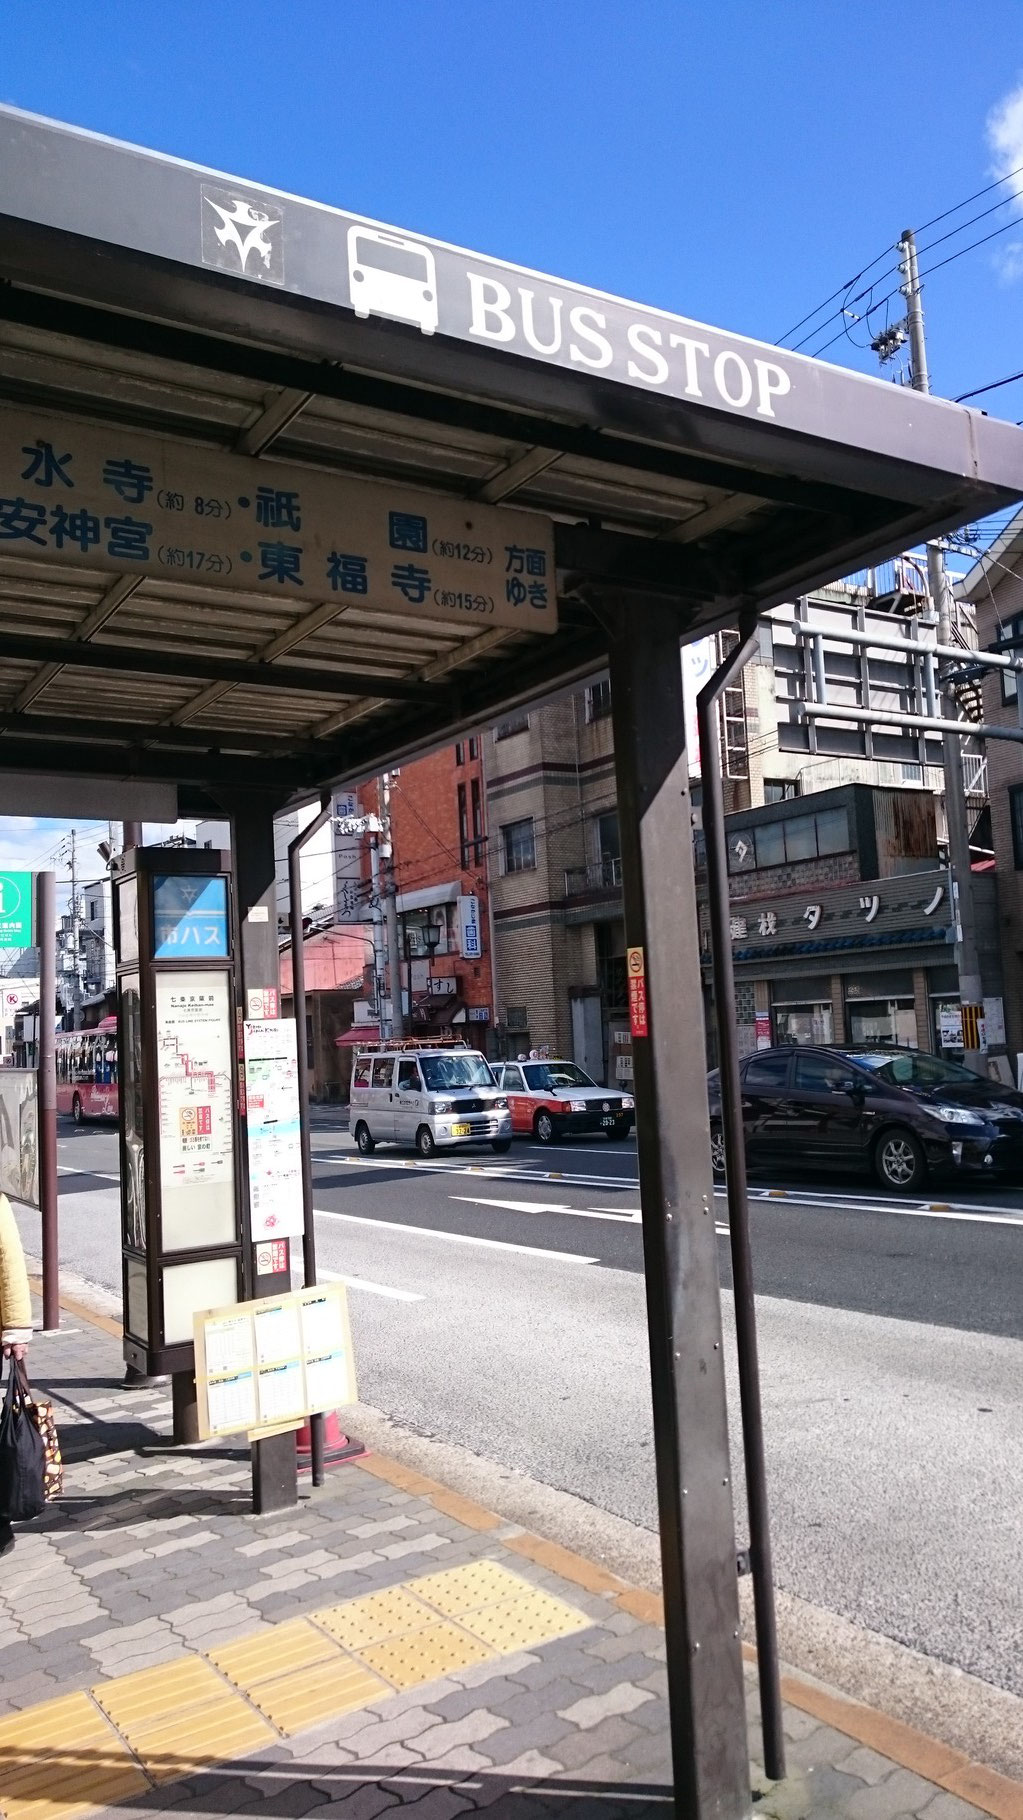 バス停「七条京阪」から東へ向かう